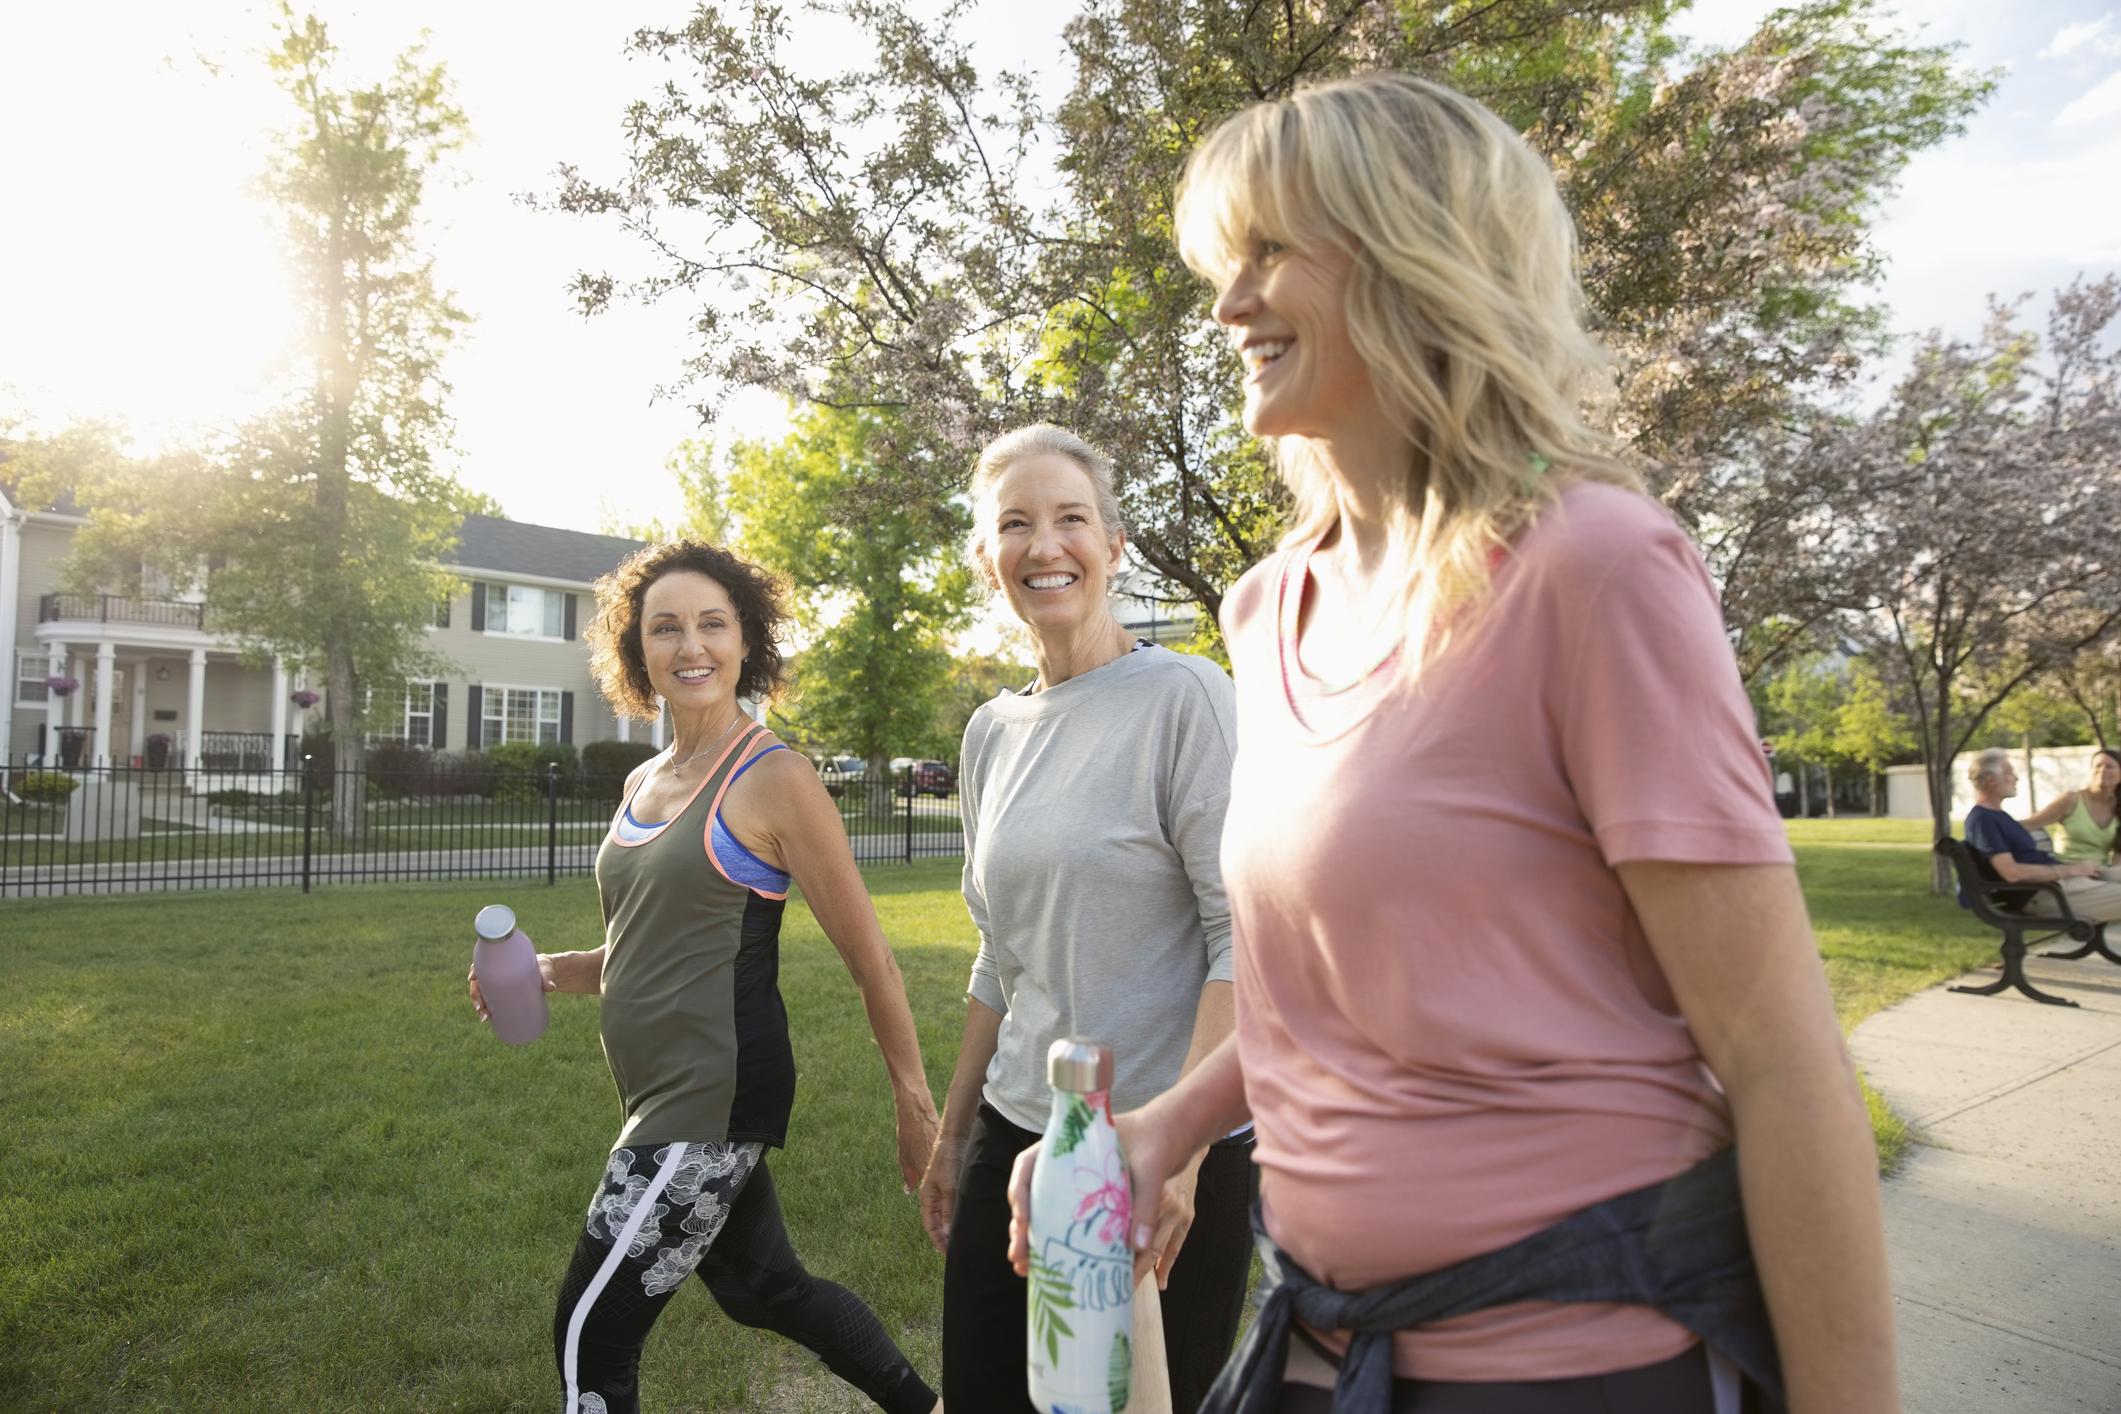 Salud y cuidados preventivos para mujeres